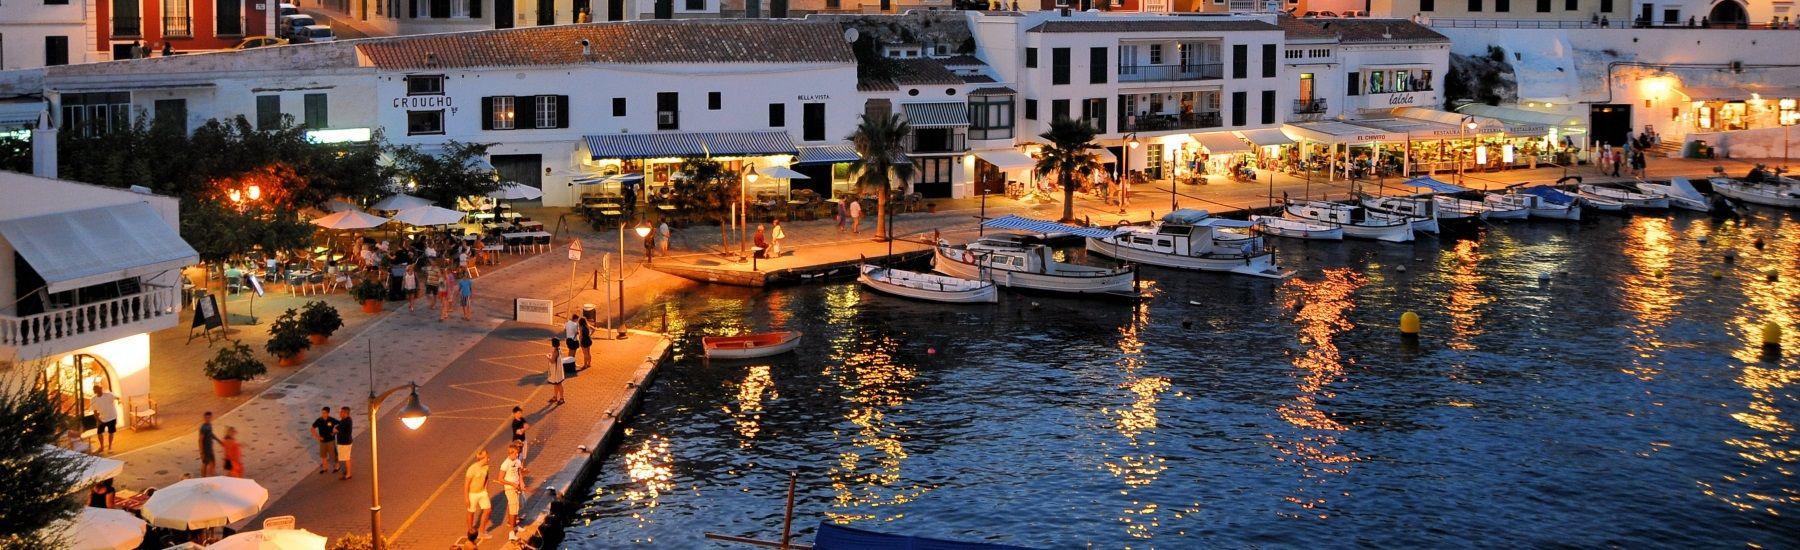 Menorca Hafen am Abend